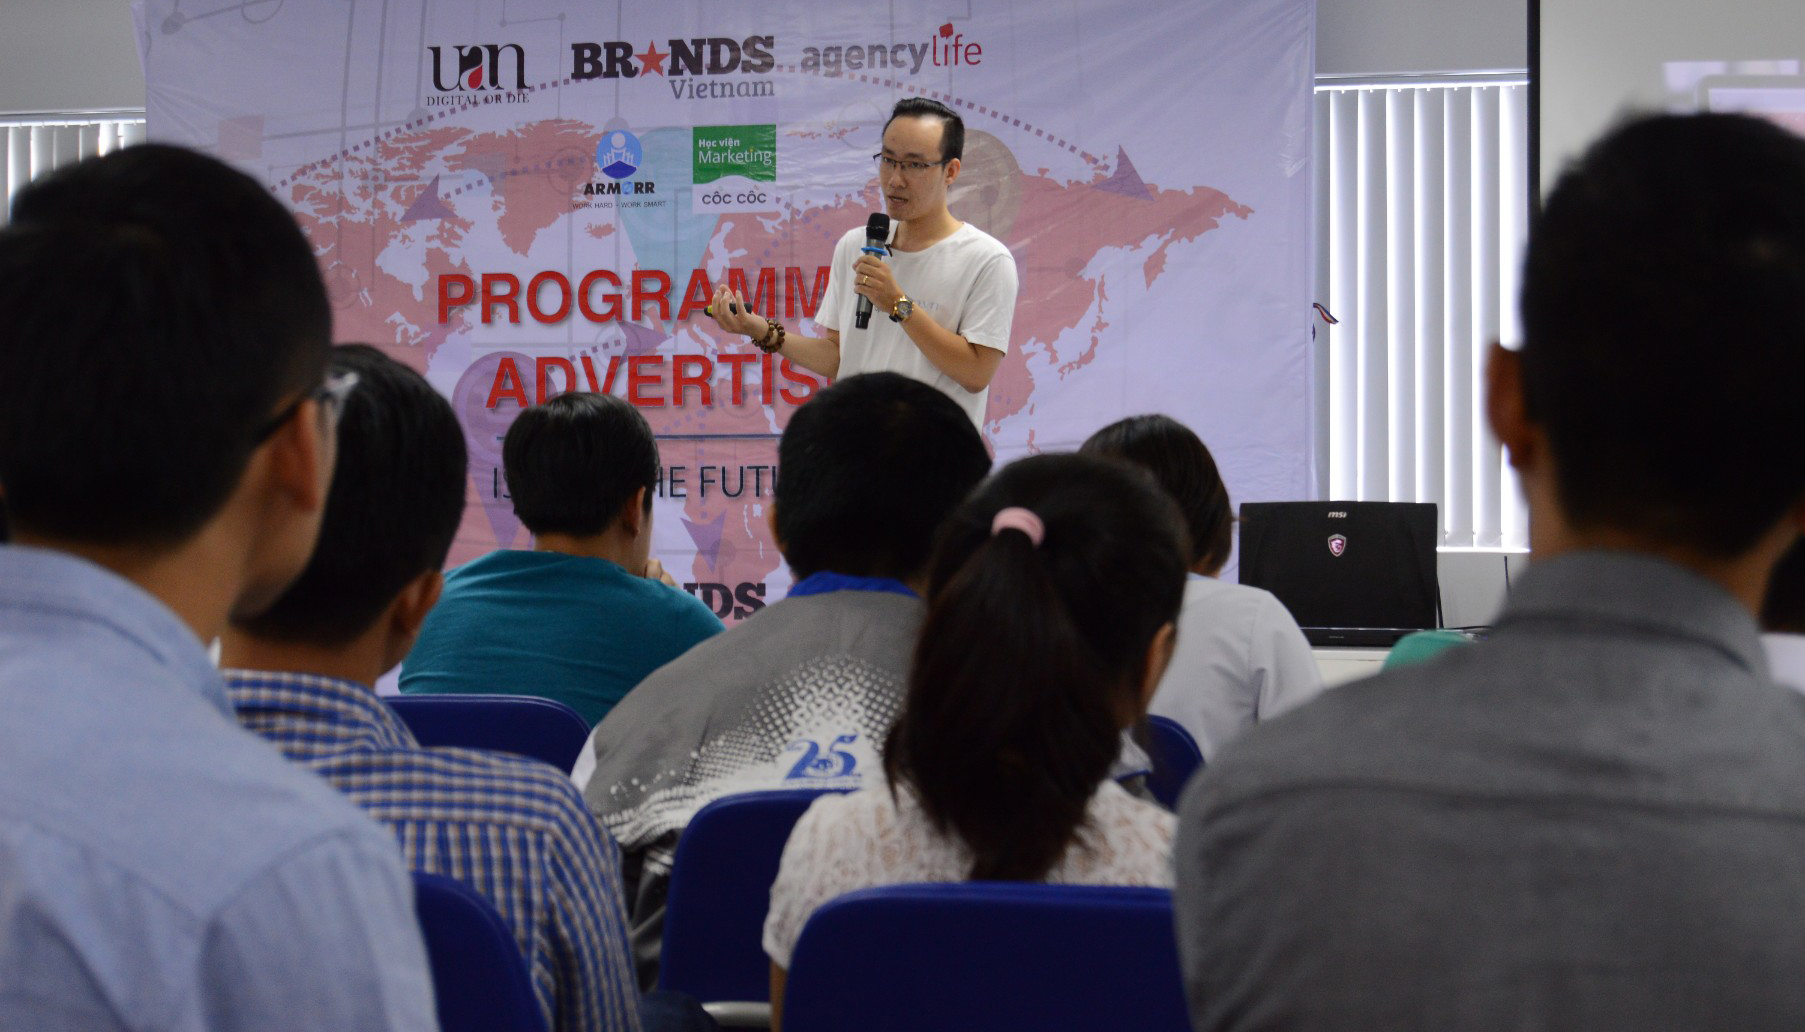 Founder UAN, A. Bùi Quang Tinh Tú chia sẻ trong một seminar năm 2017